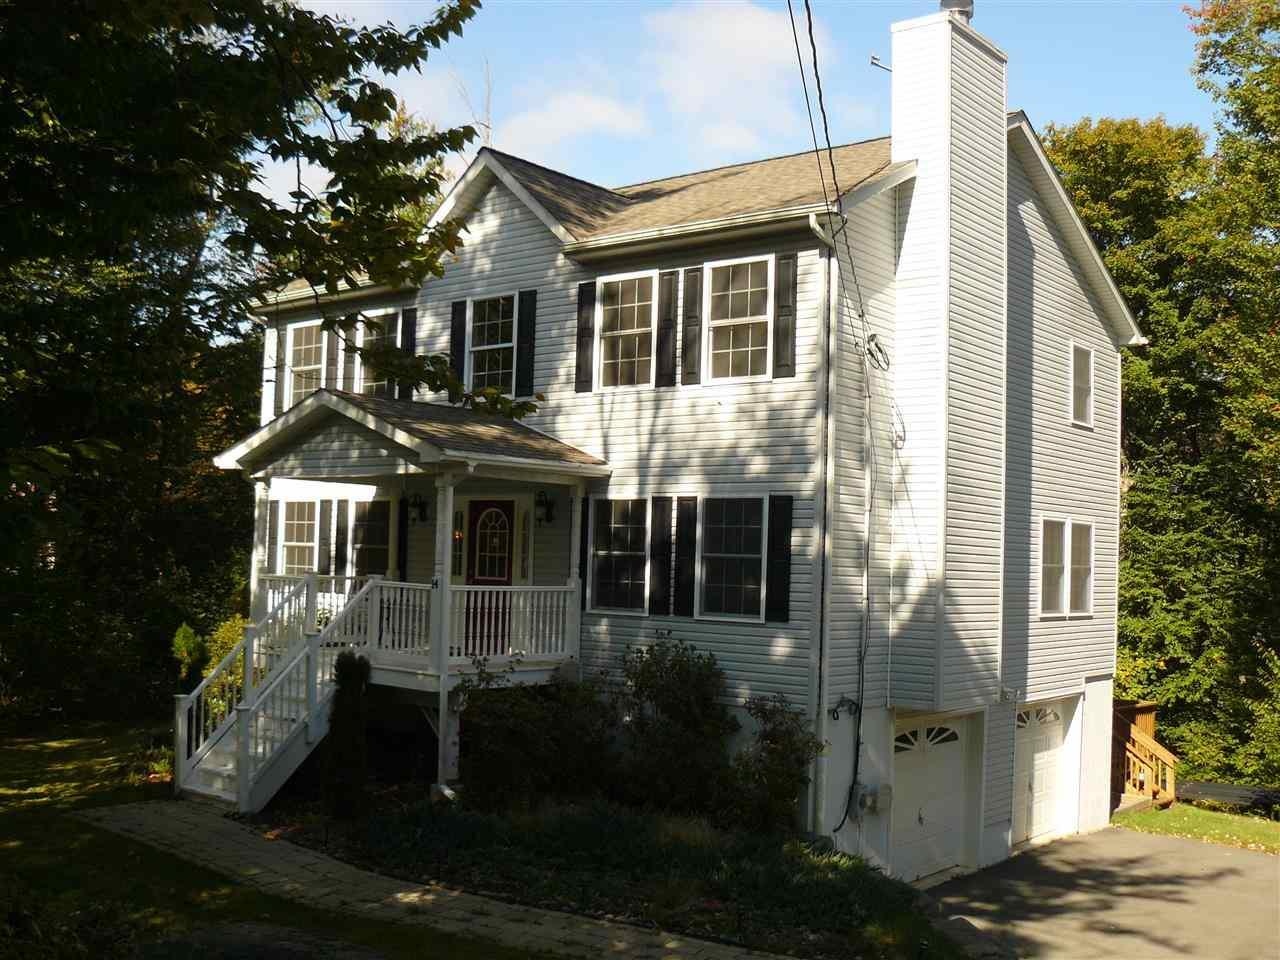 Real Estate for Sale, ListingId: 31769271, Woodridge,NY12789